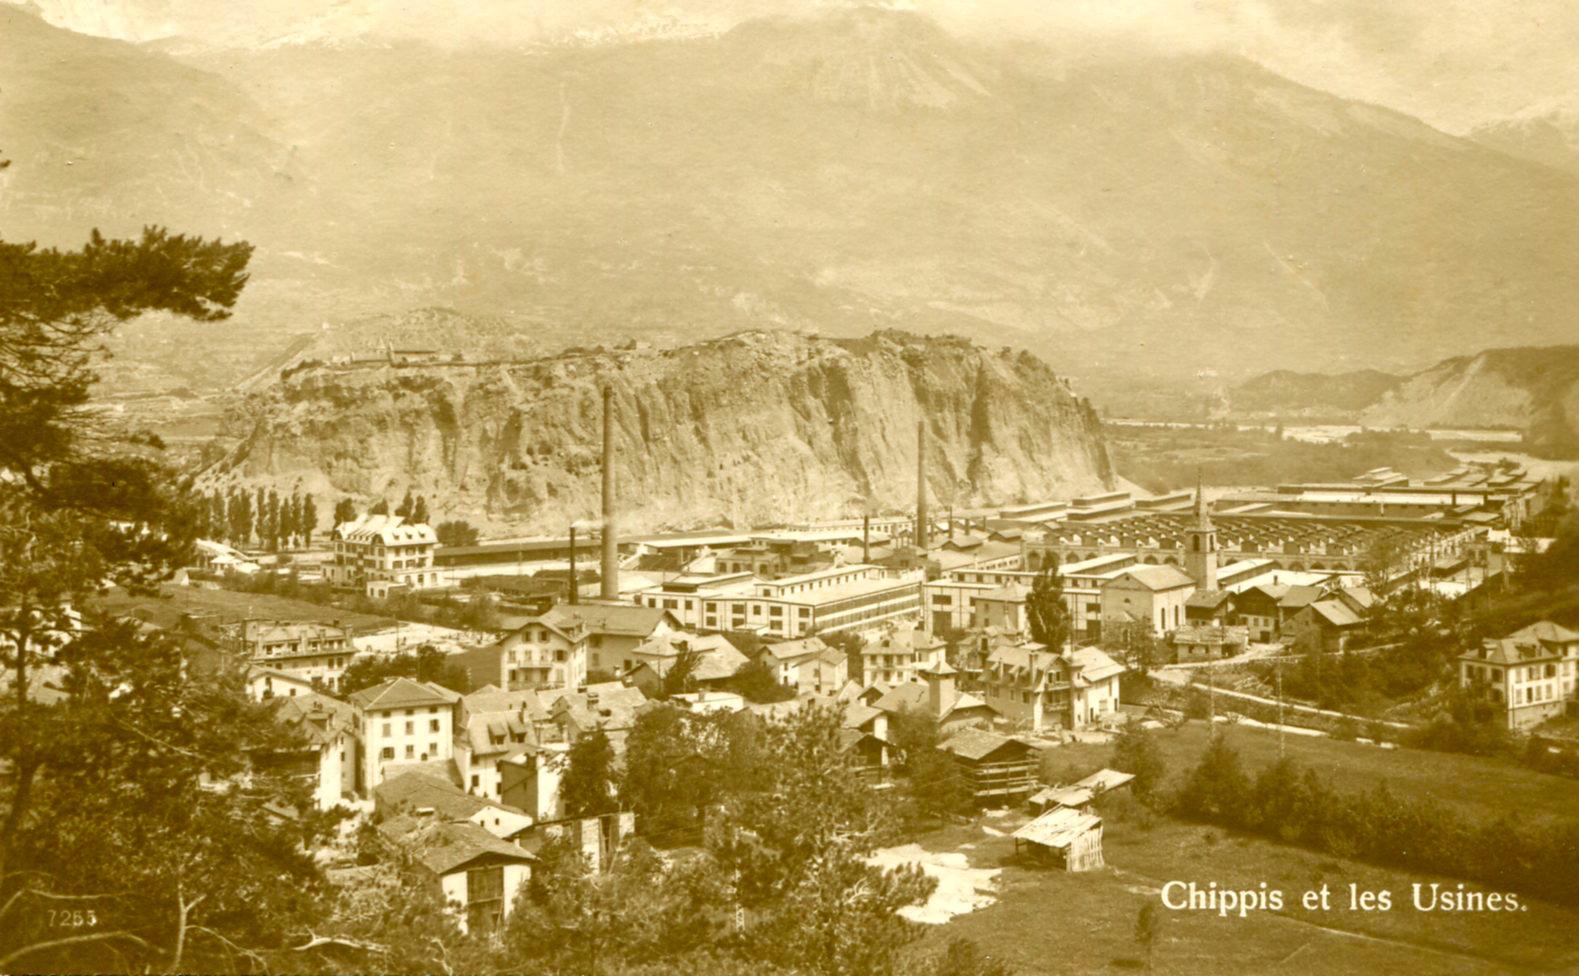 Chippis, le village et l'usine